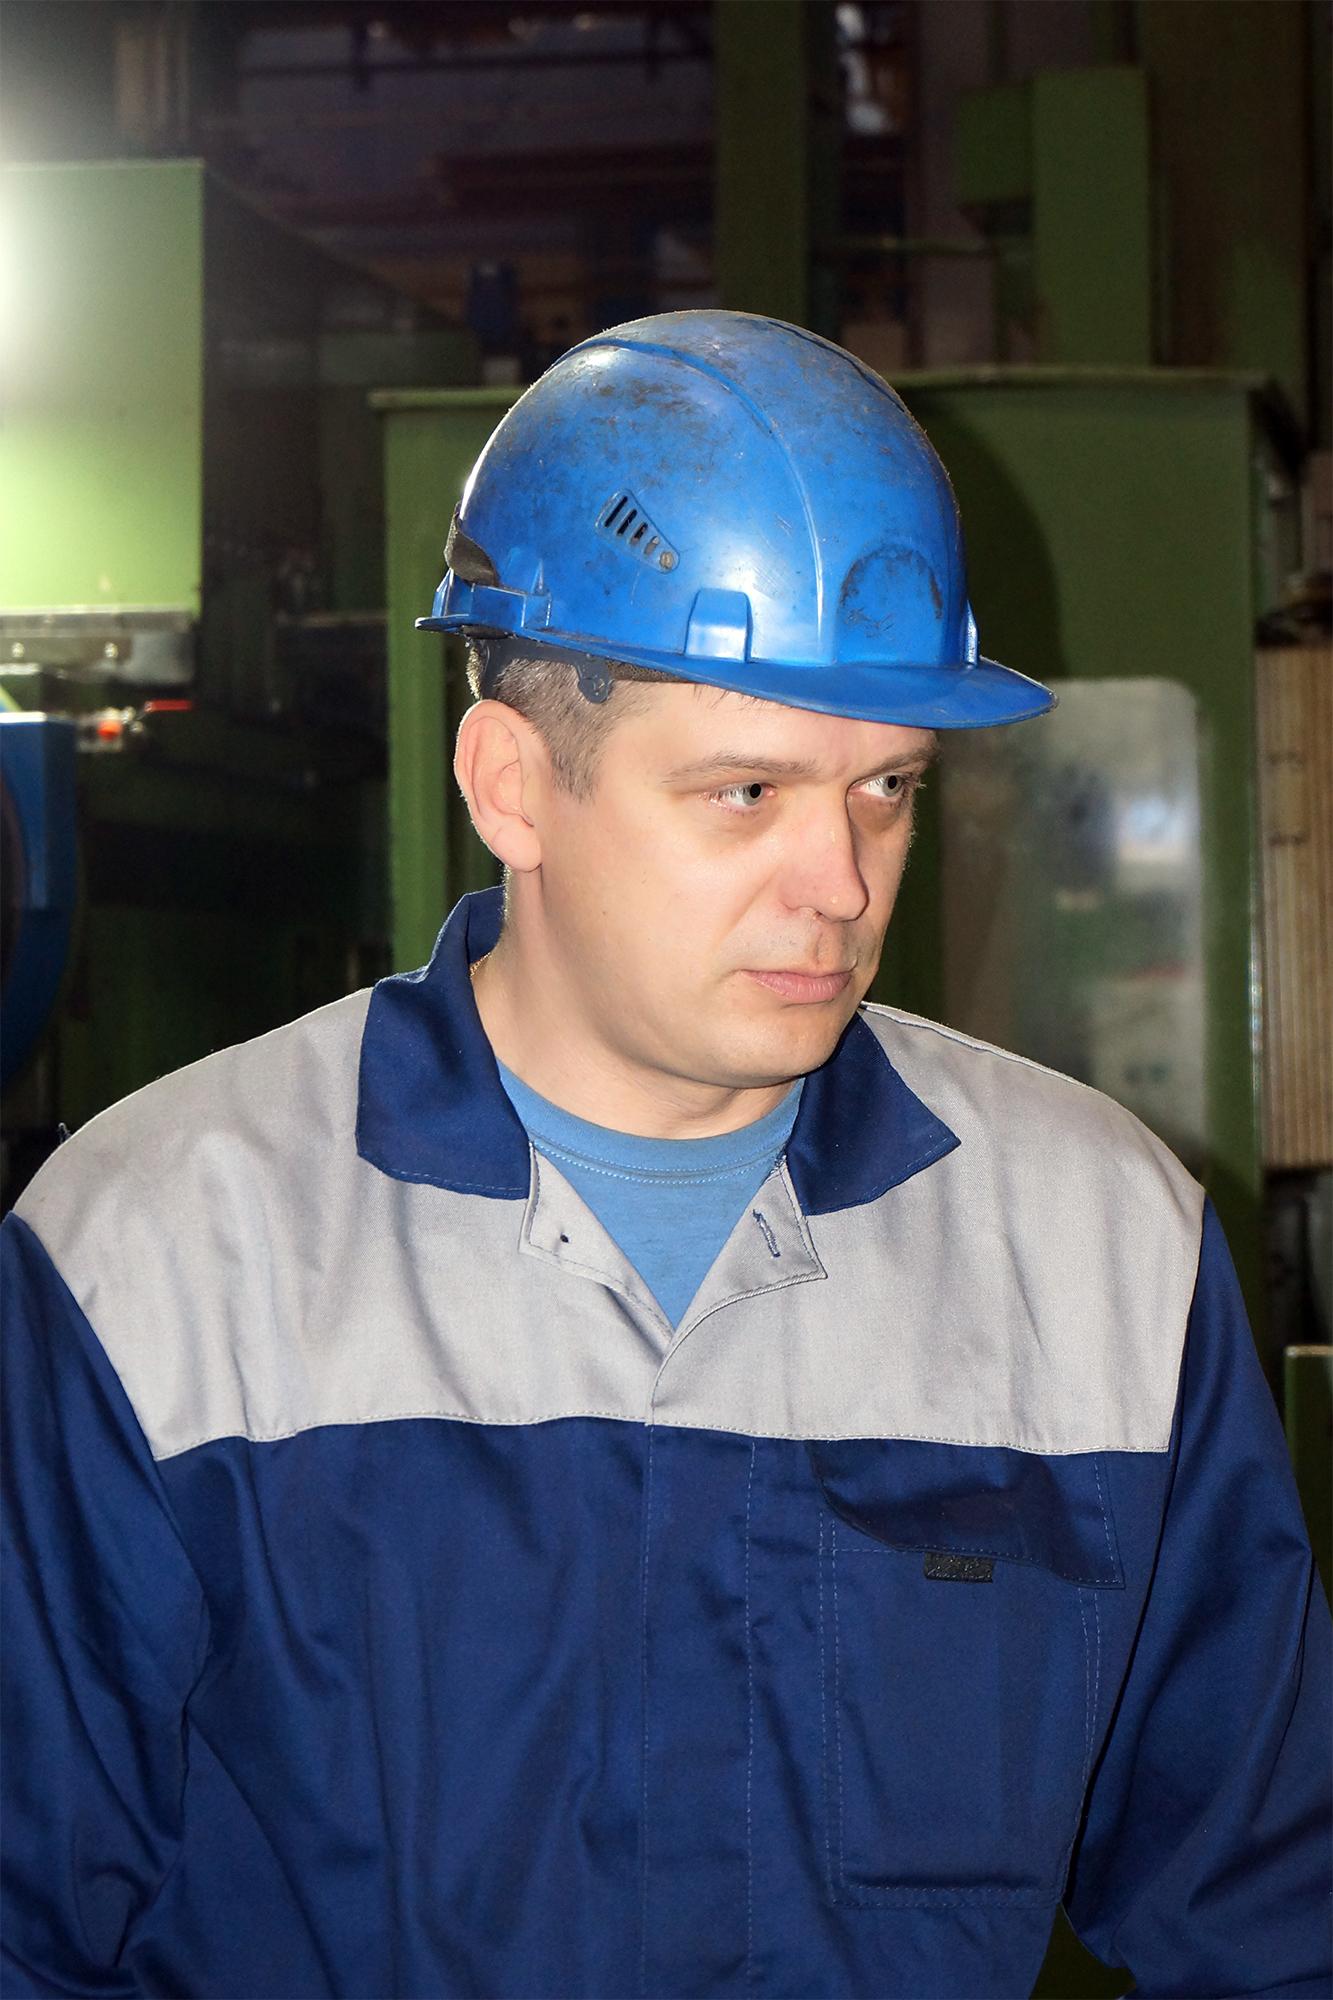 <strong>Гаврилов Михаил токарь-расточник цеха №34.</strong><br /> На «Ижорских заводах» с 2004 года.<br />